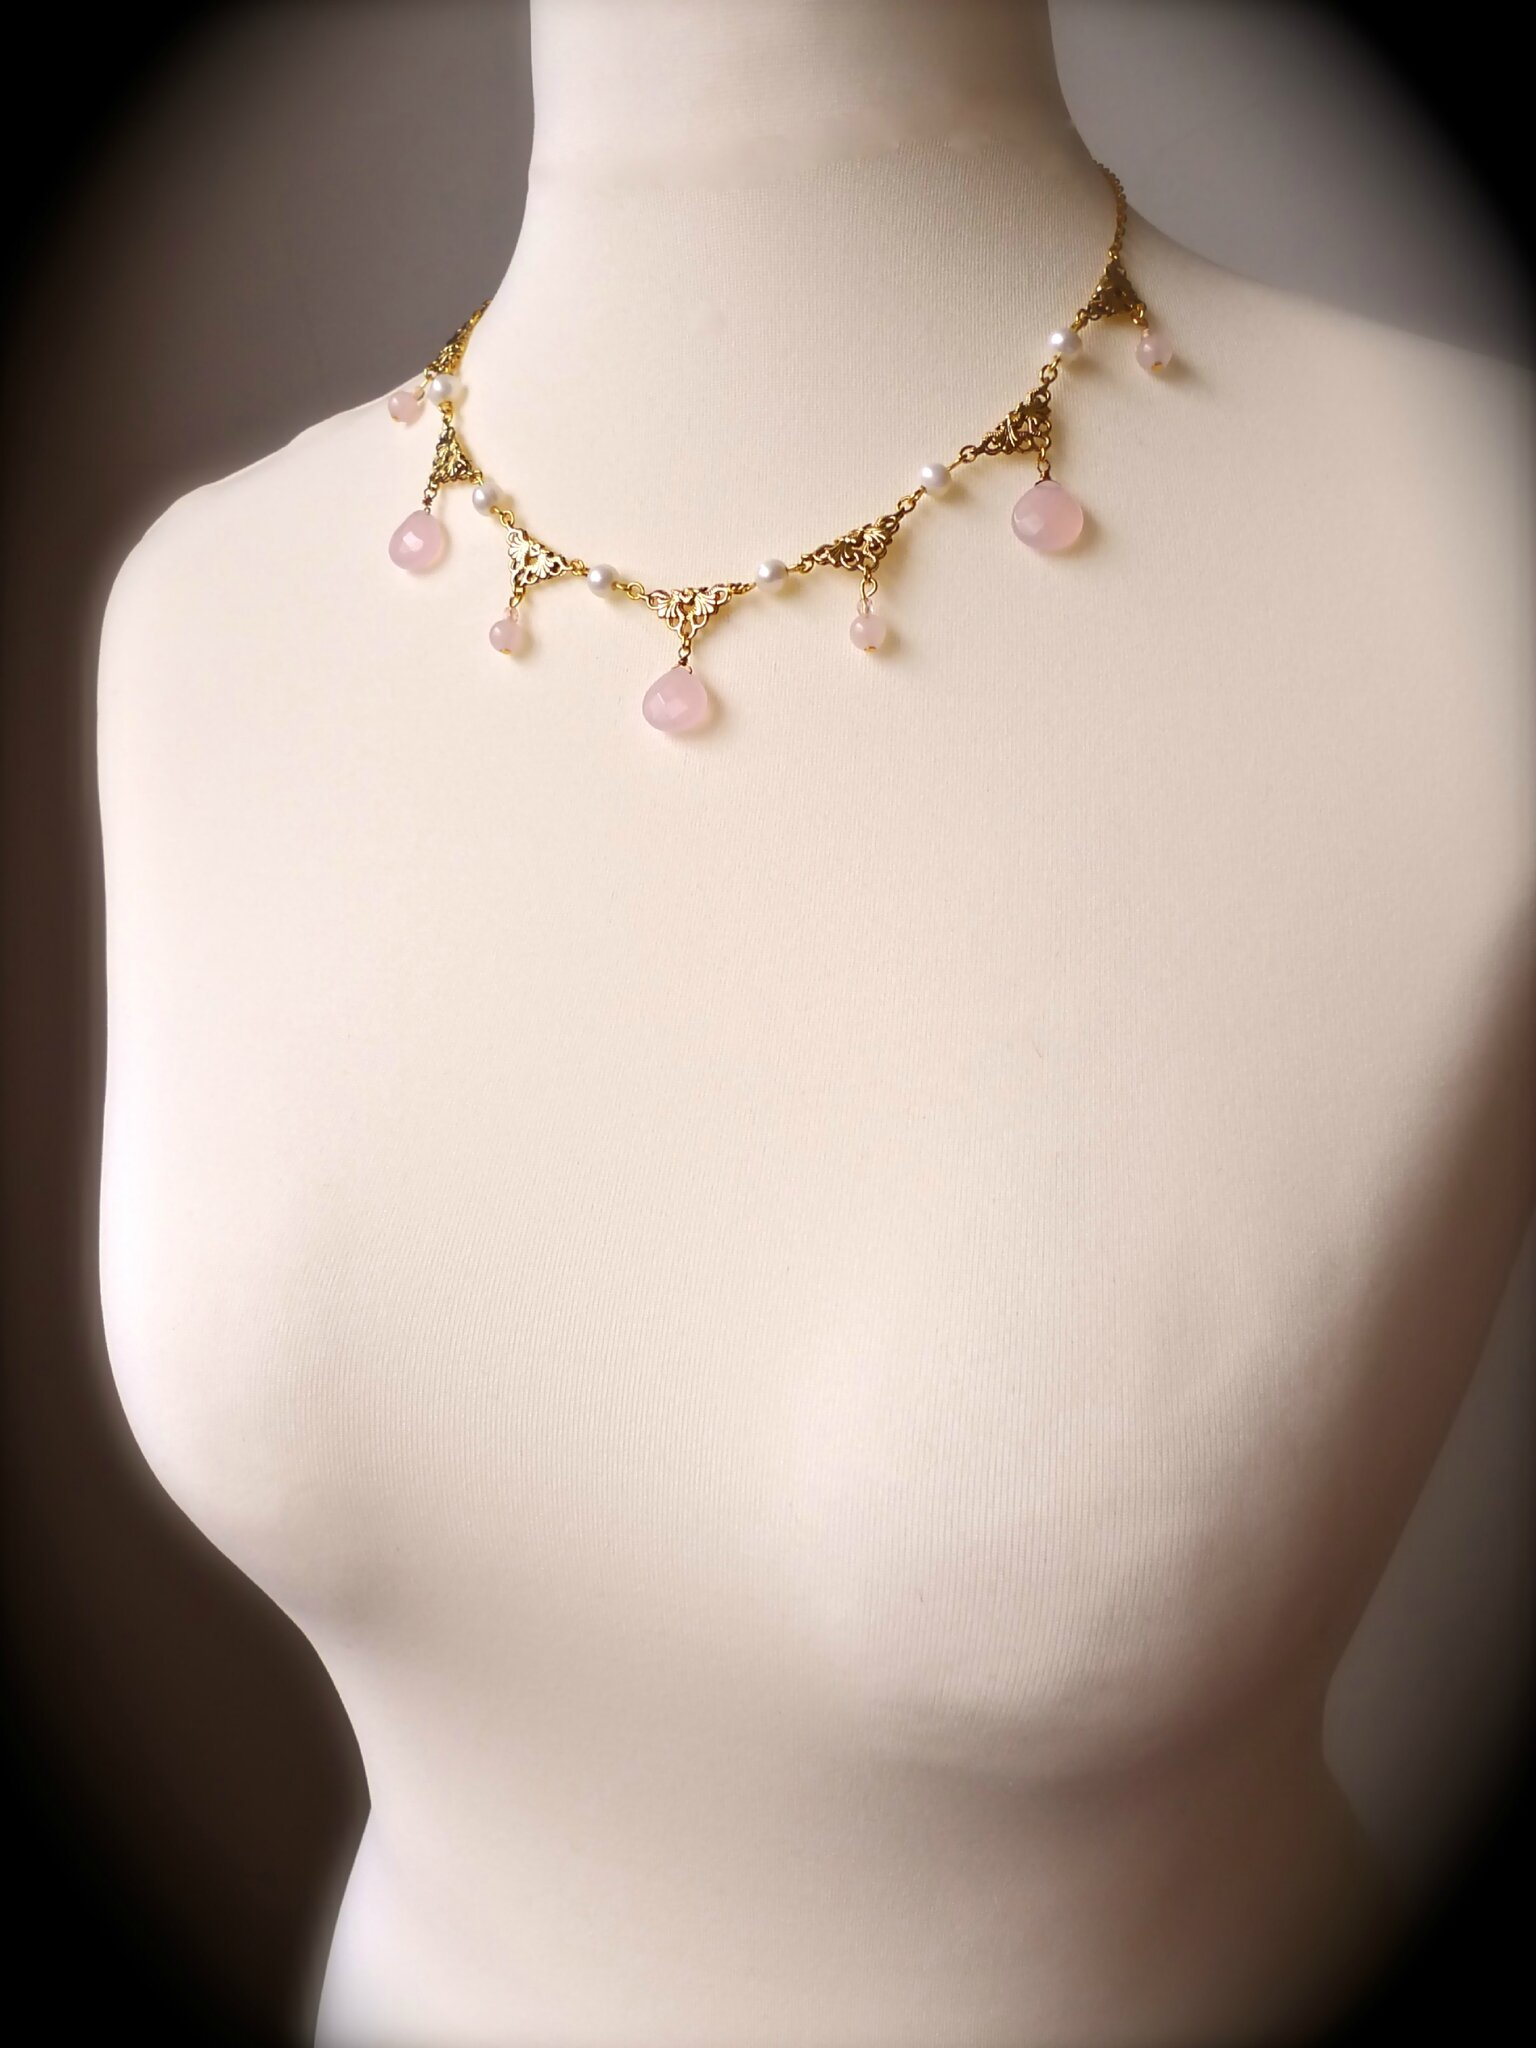 Collier Bijoux et Bien-Etre en perles de culture de Chine et Quartz rose